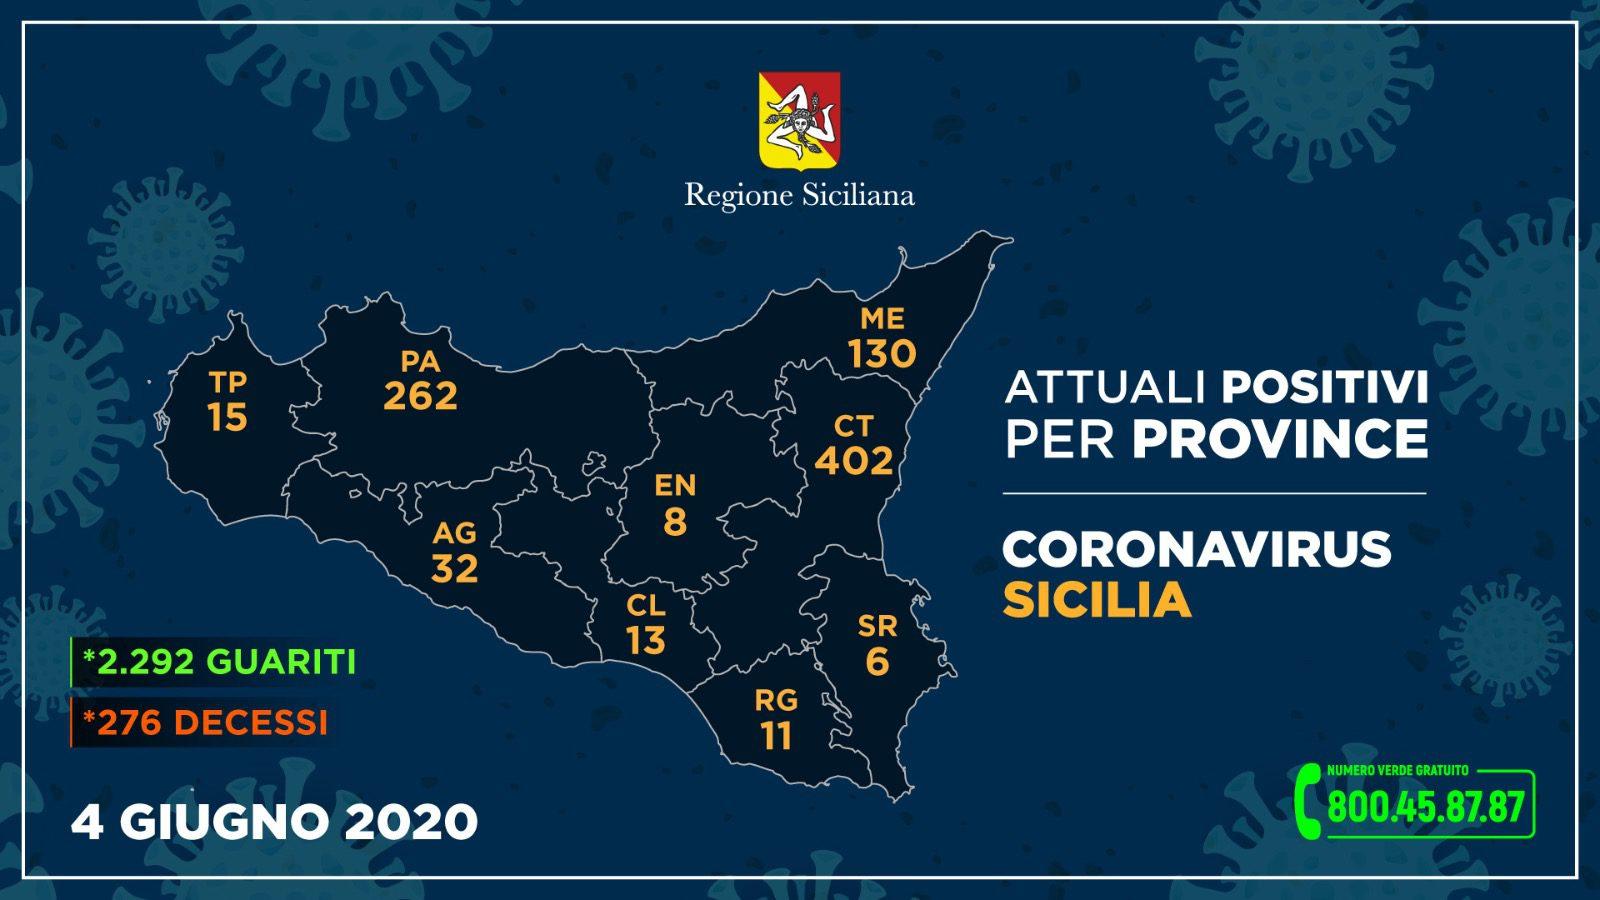 Coronavirus, in Sicilia ancora zero contagi su 2995 tamponi: in aumento i guariti, un decesso a Palermo. A Catania 402 casi (-9)